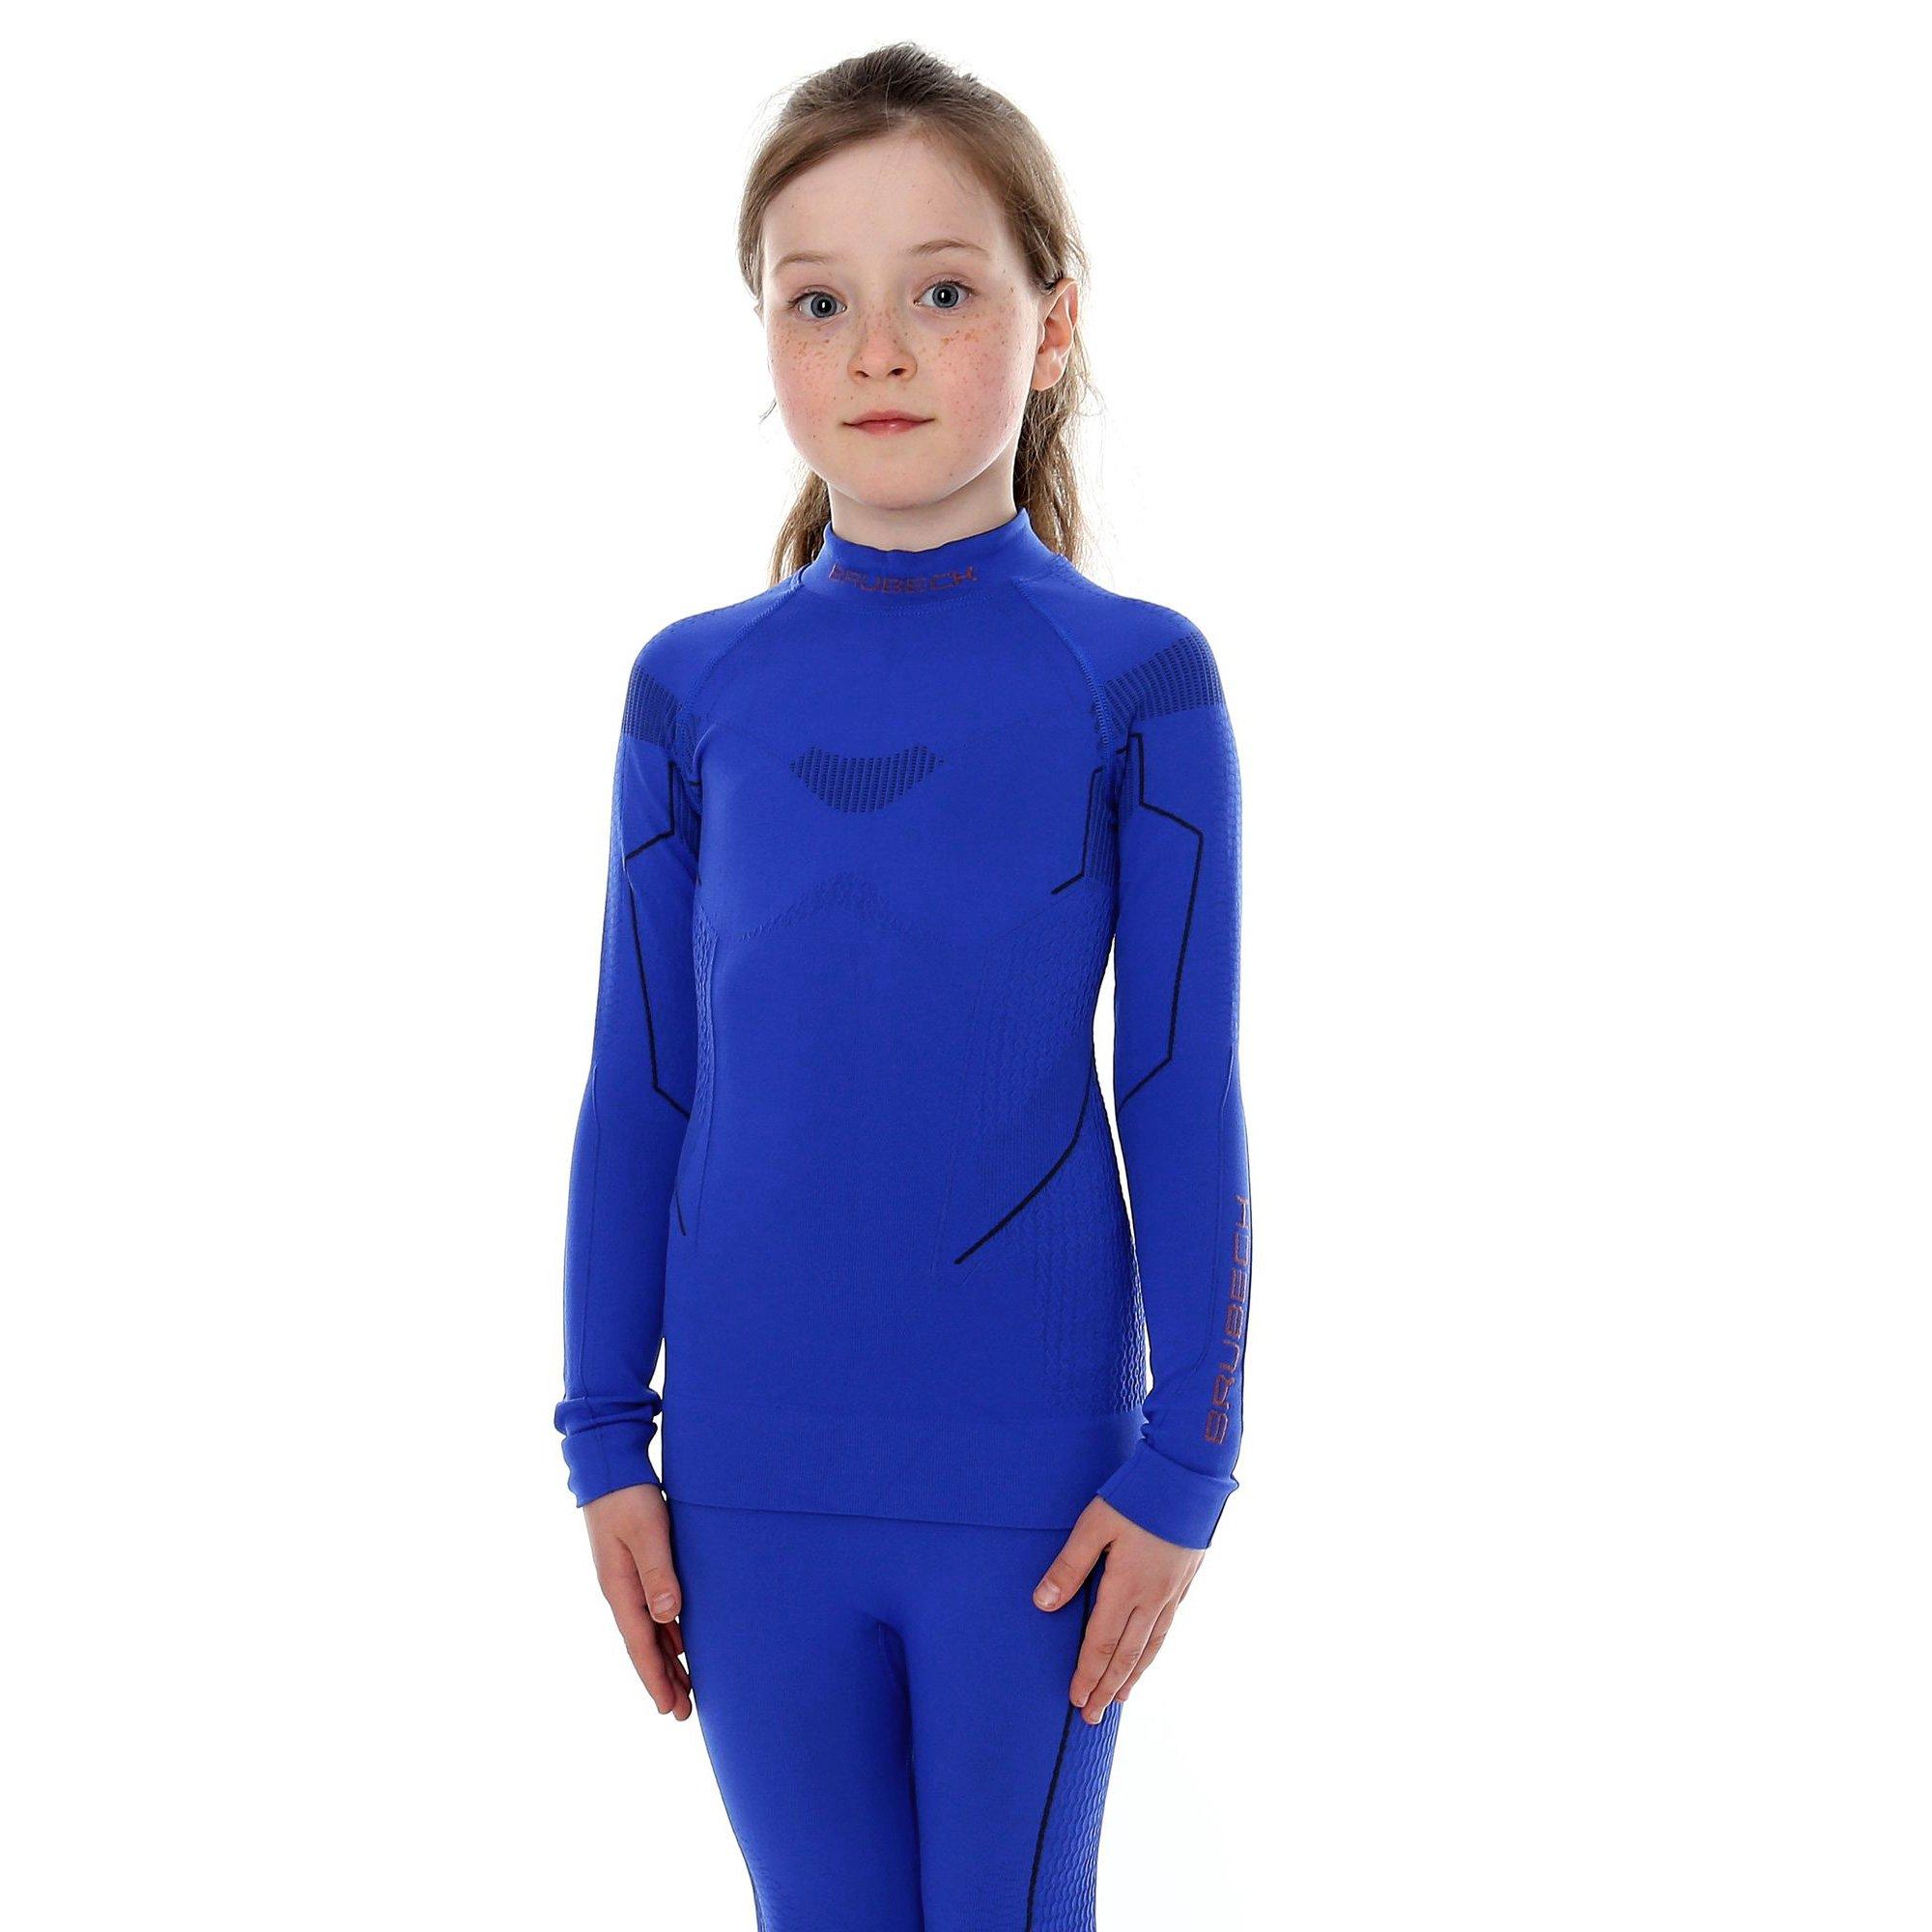 d61c72fb5b3519 ... Bluza dziewczęca Brubeck THERMO Junior koszulka termoaktywna z długim  rękawem ...